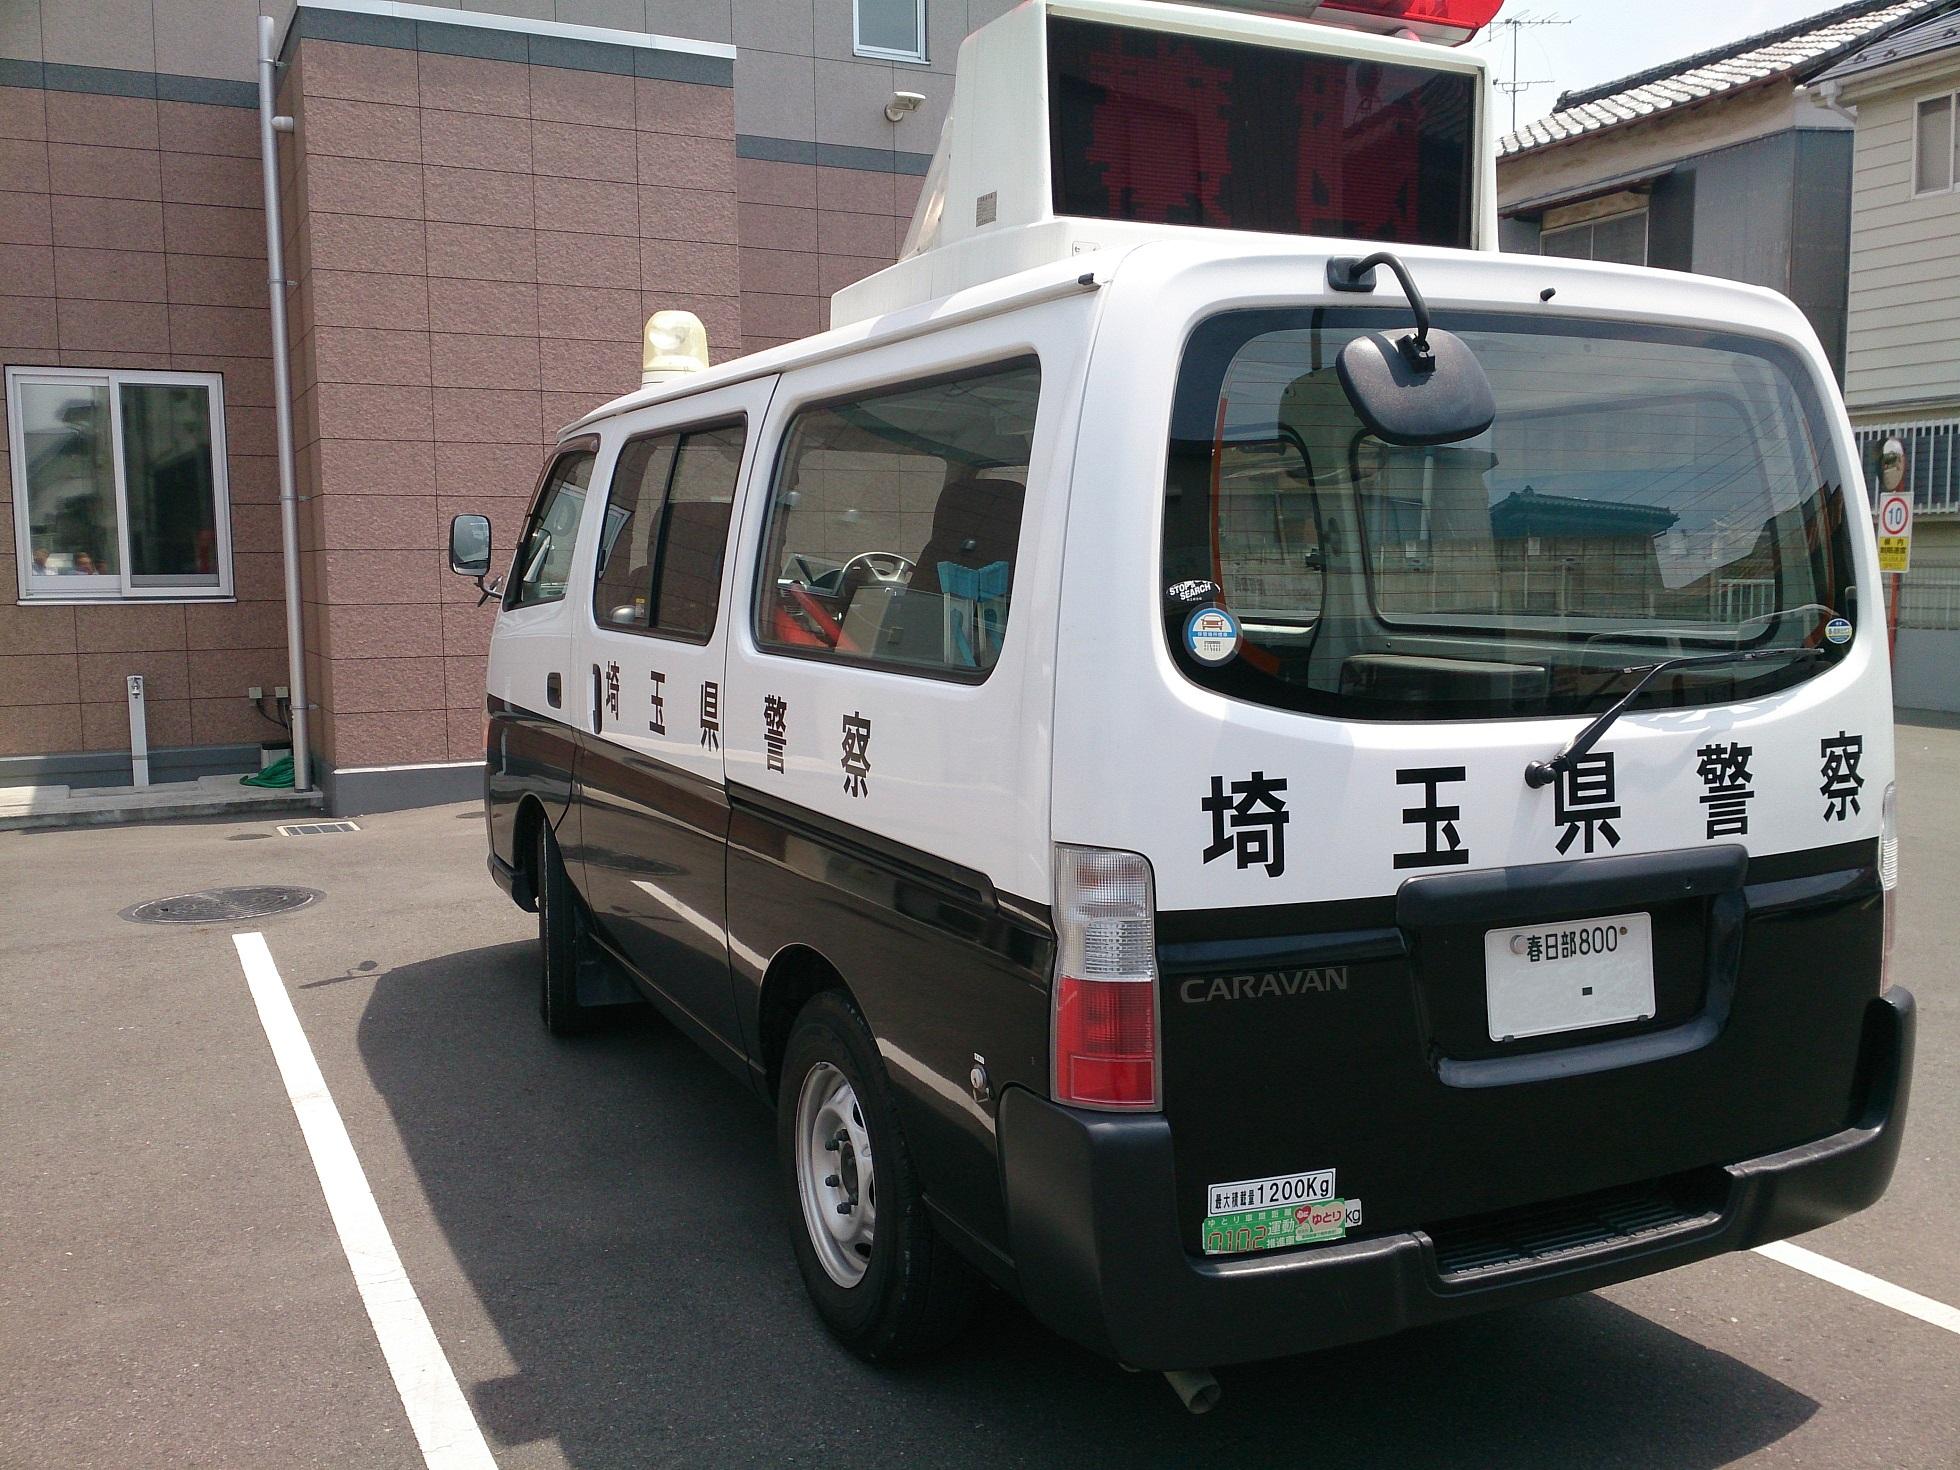 https://www.fco.co.jp/wp/wp-content/uploads/mt/president/blog_images/DSC_0501.jpg